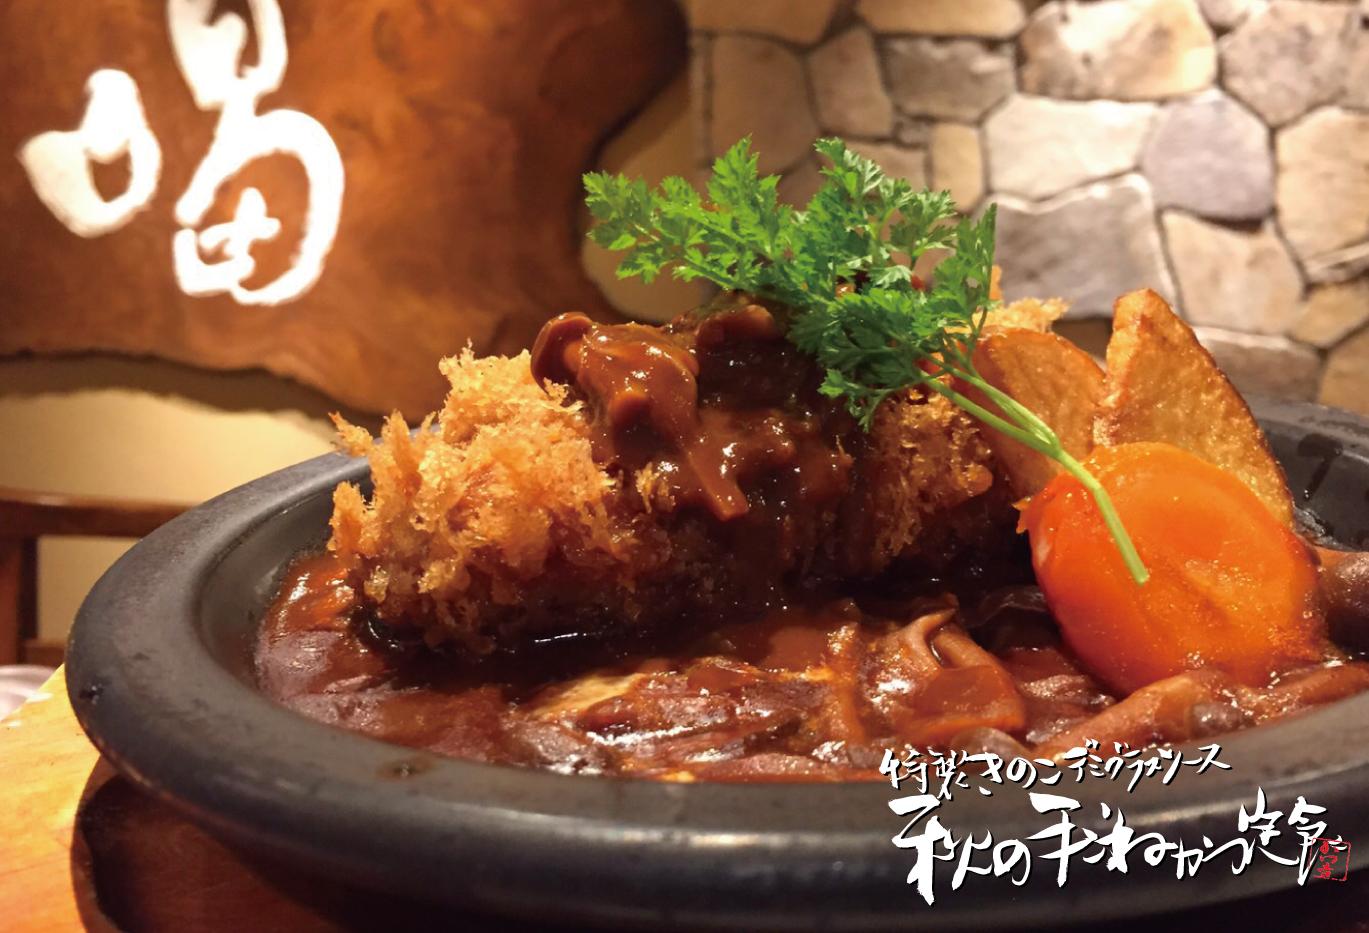 柳川鍋で提供される熱々の「秋の手ごねかつ定食」